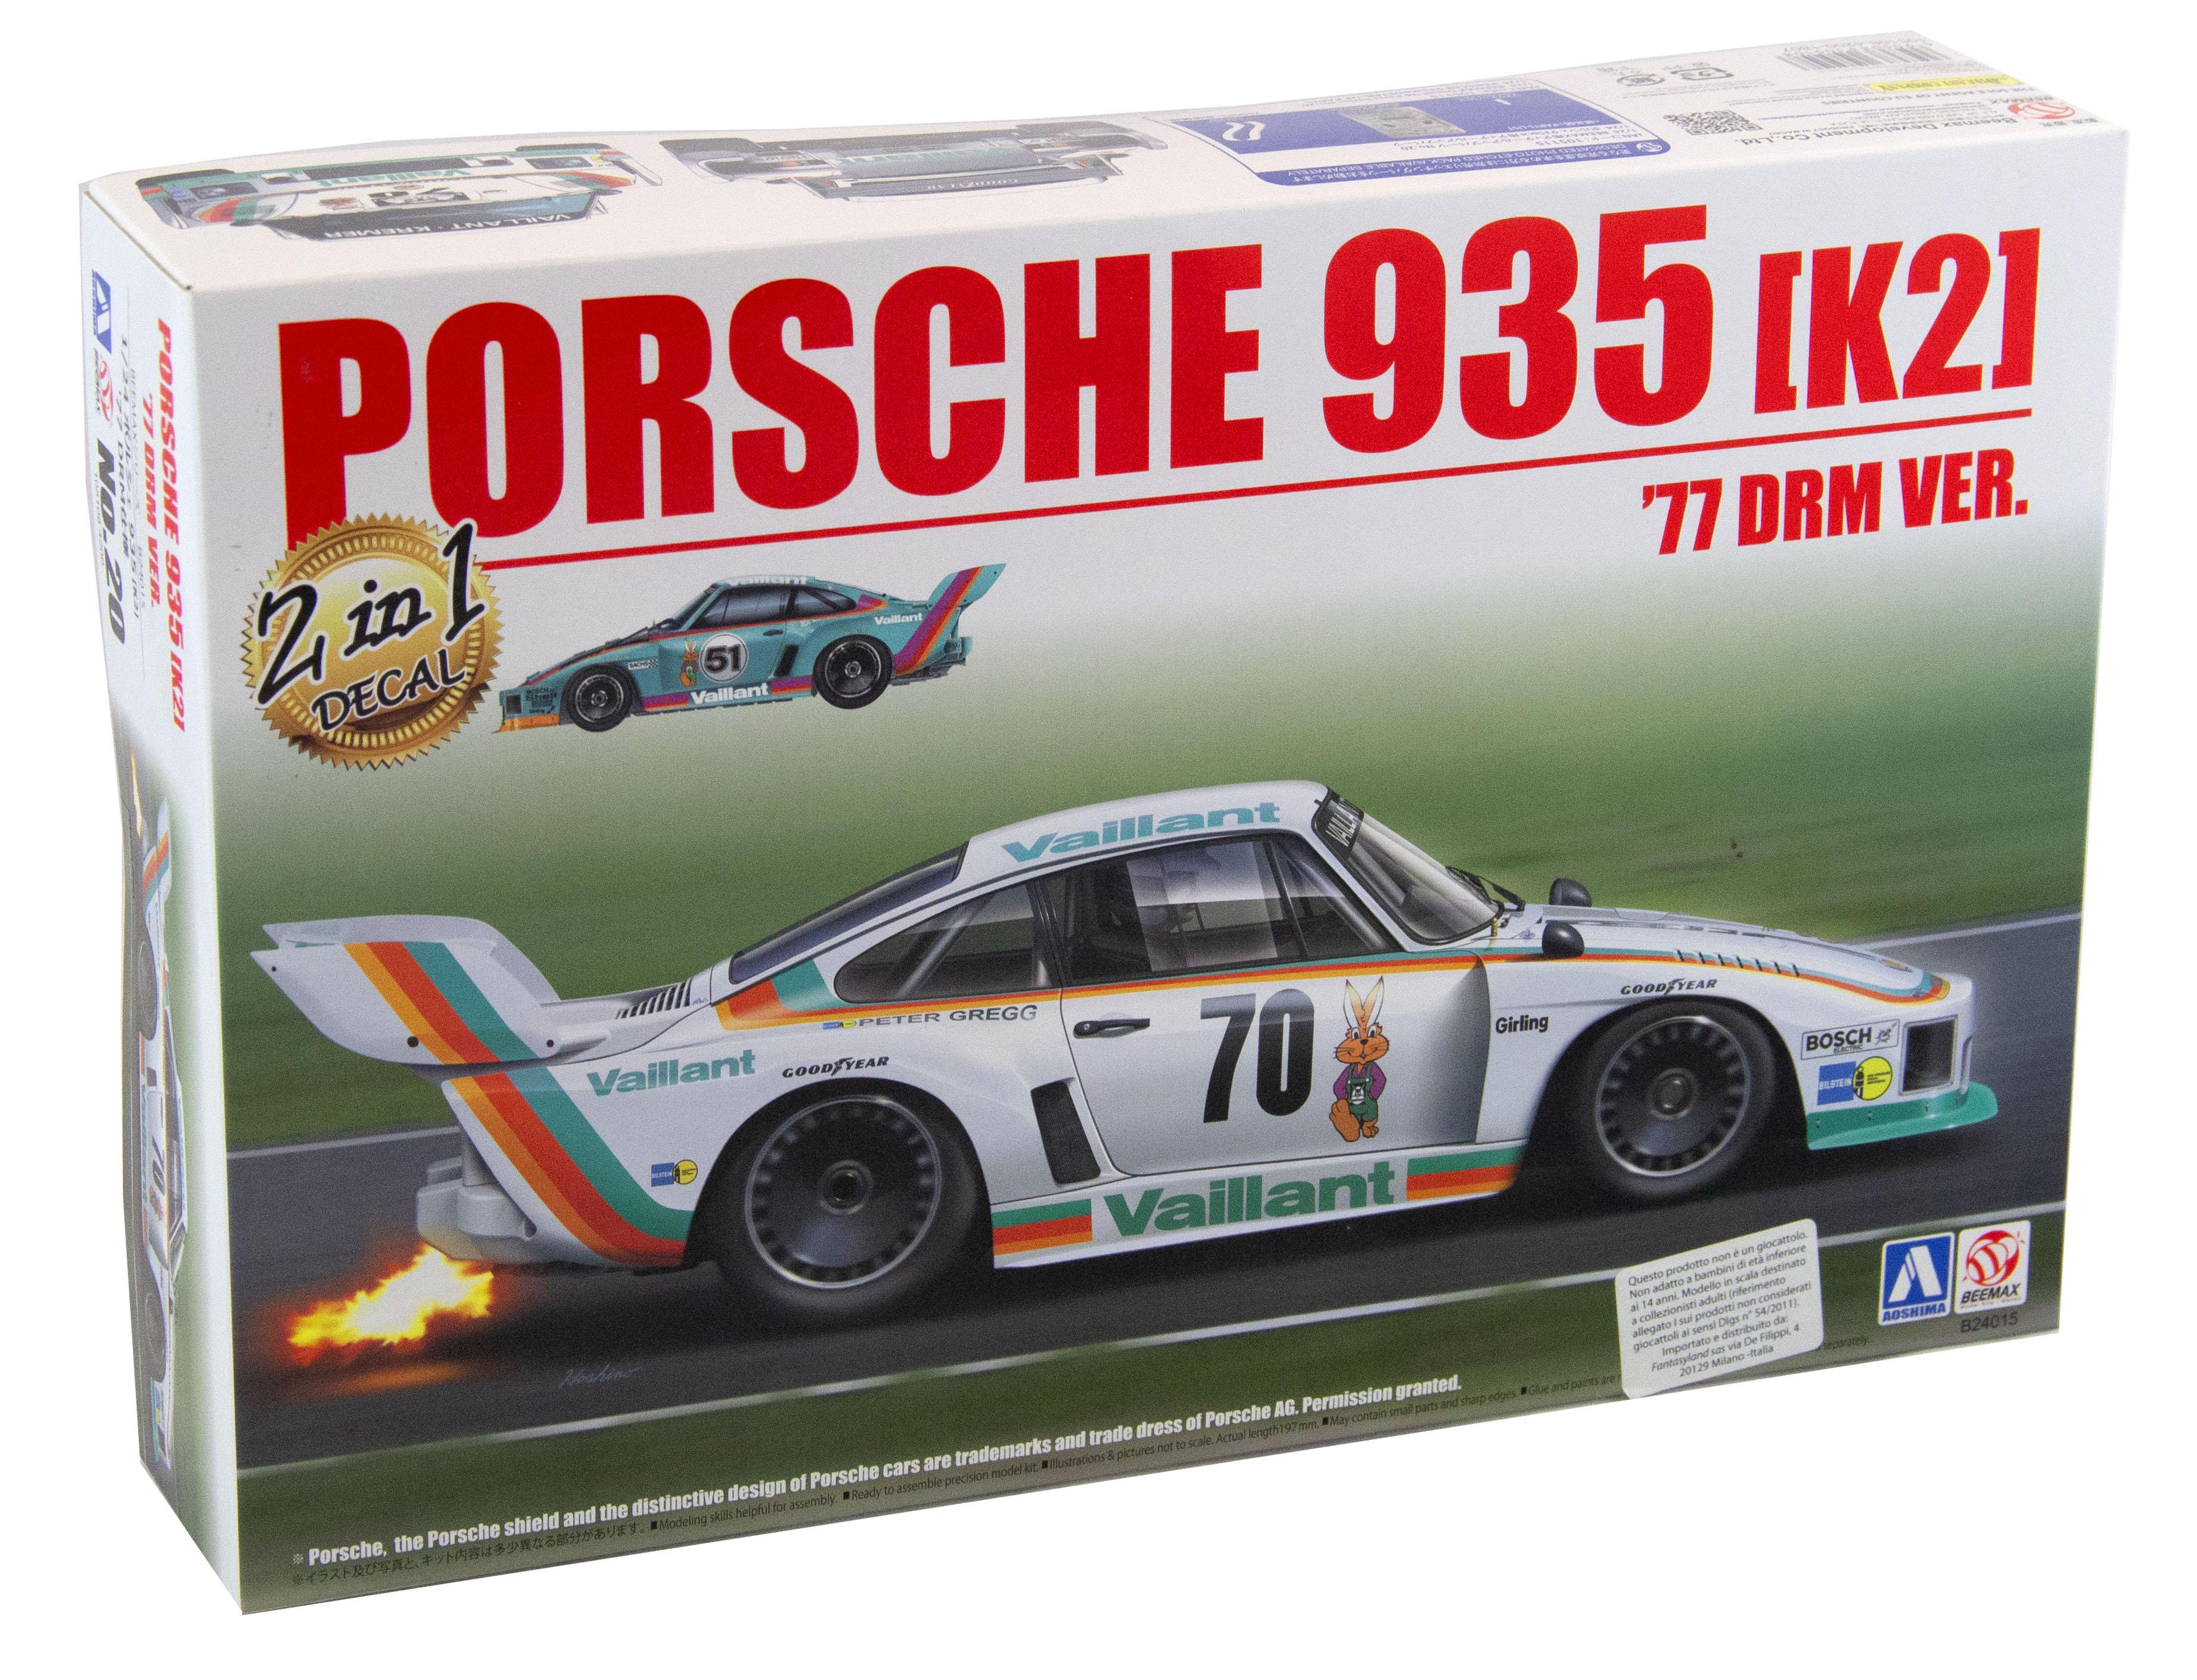 Kit Porsche 935 K2 1977 Drm Version 1/24